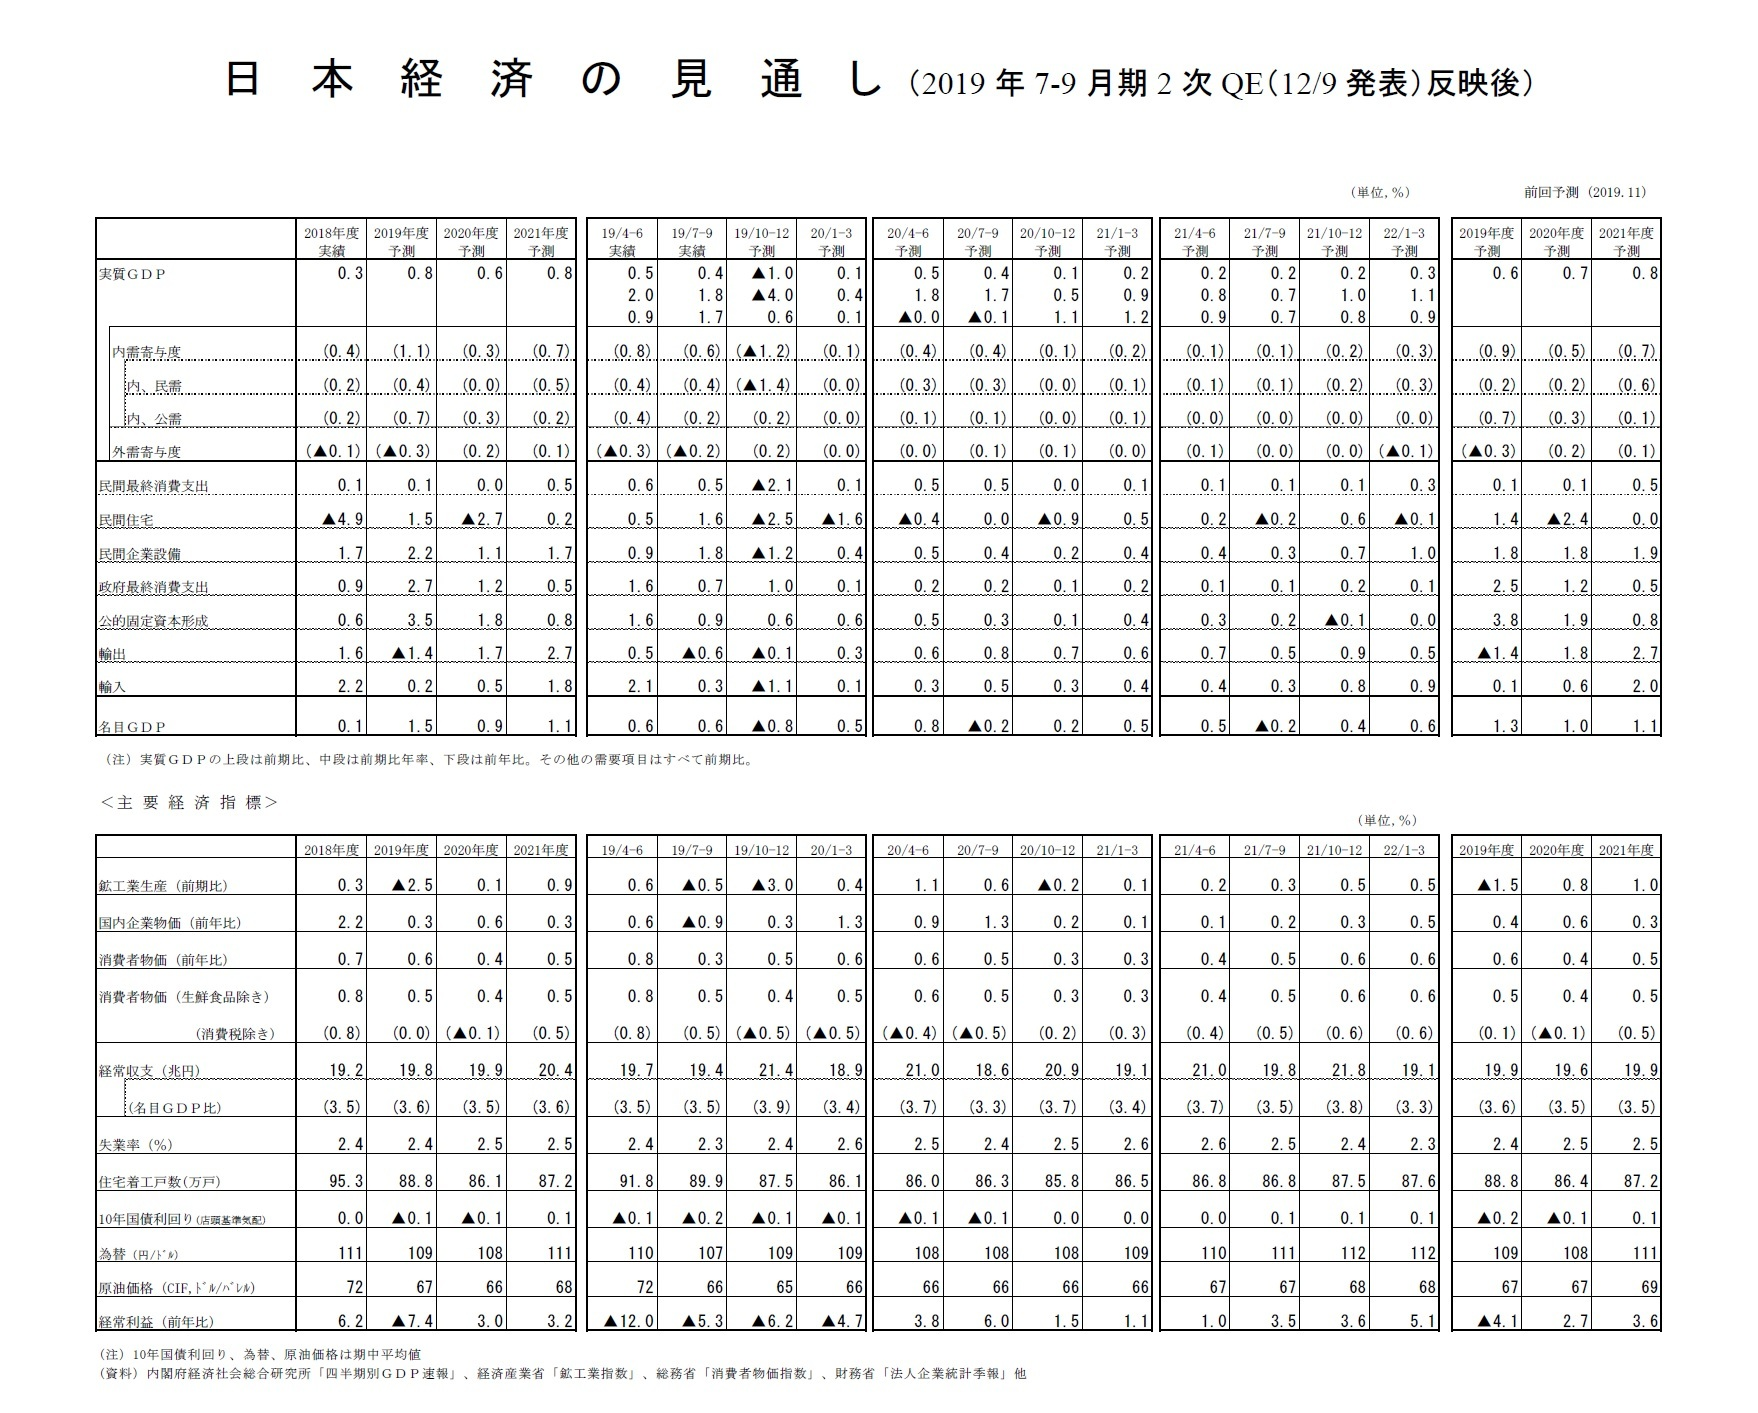 日本経済の見通し(2019年7-9月期2次QE(12/9発表)反映後)